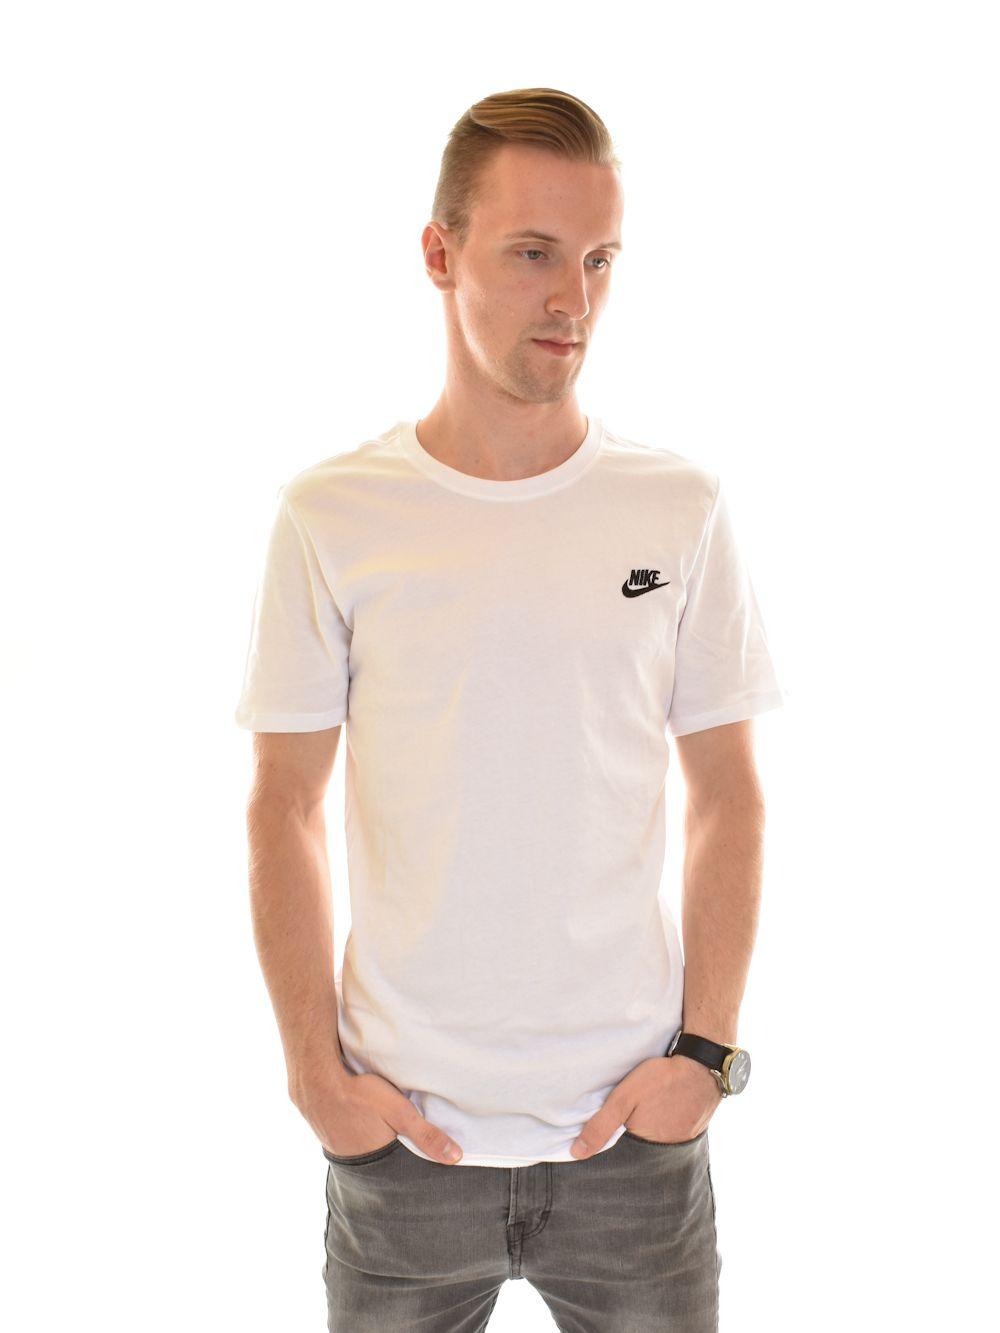 NIKE M NSW TEE CLUB EMBRD FTRA férfi póló ... fc3519132f4d3